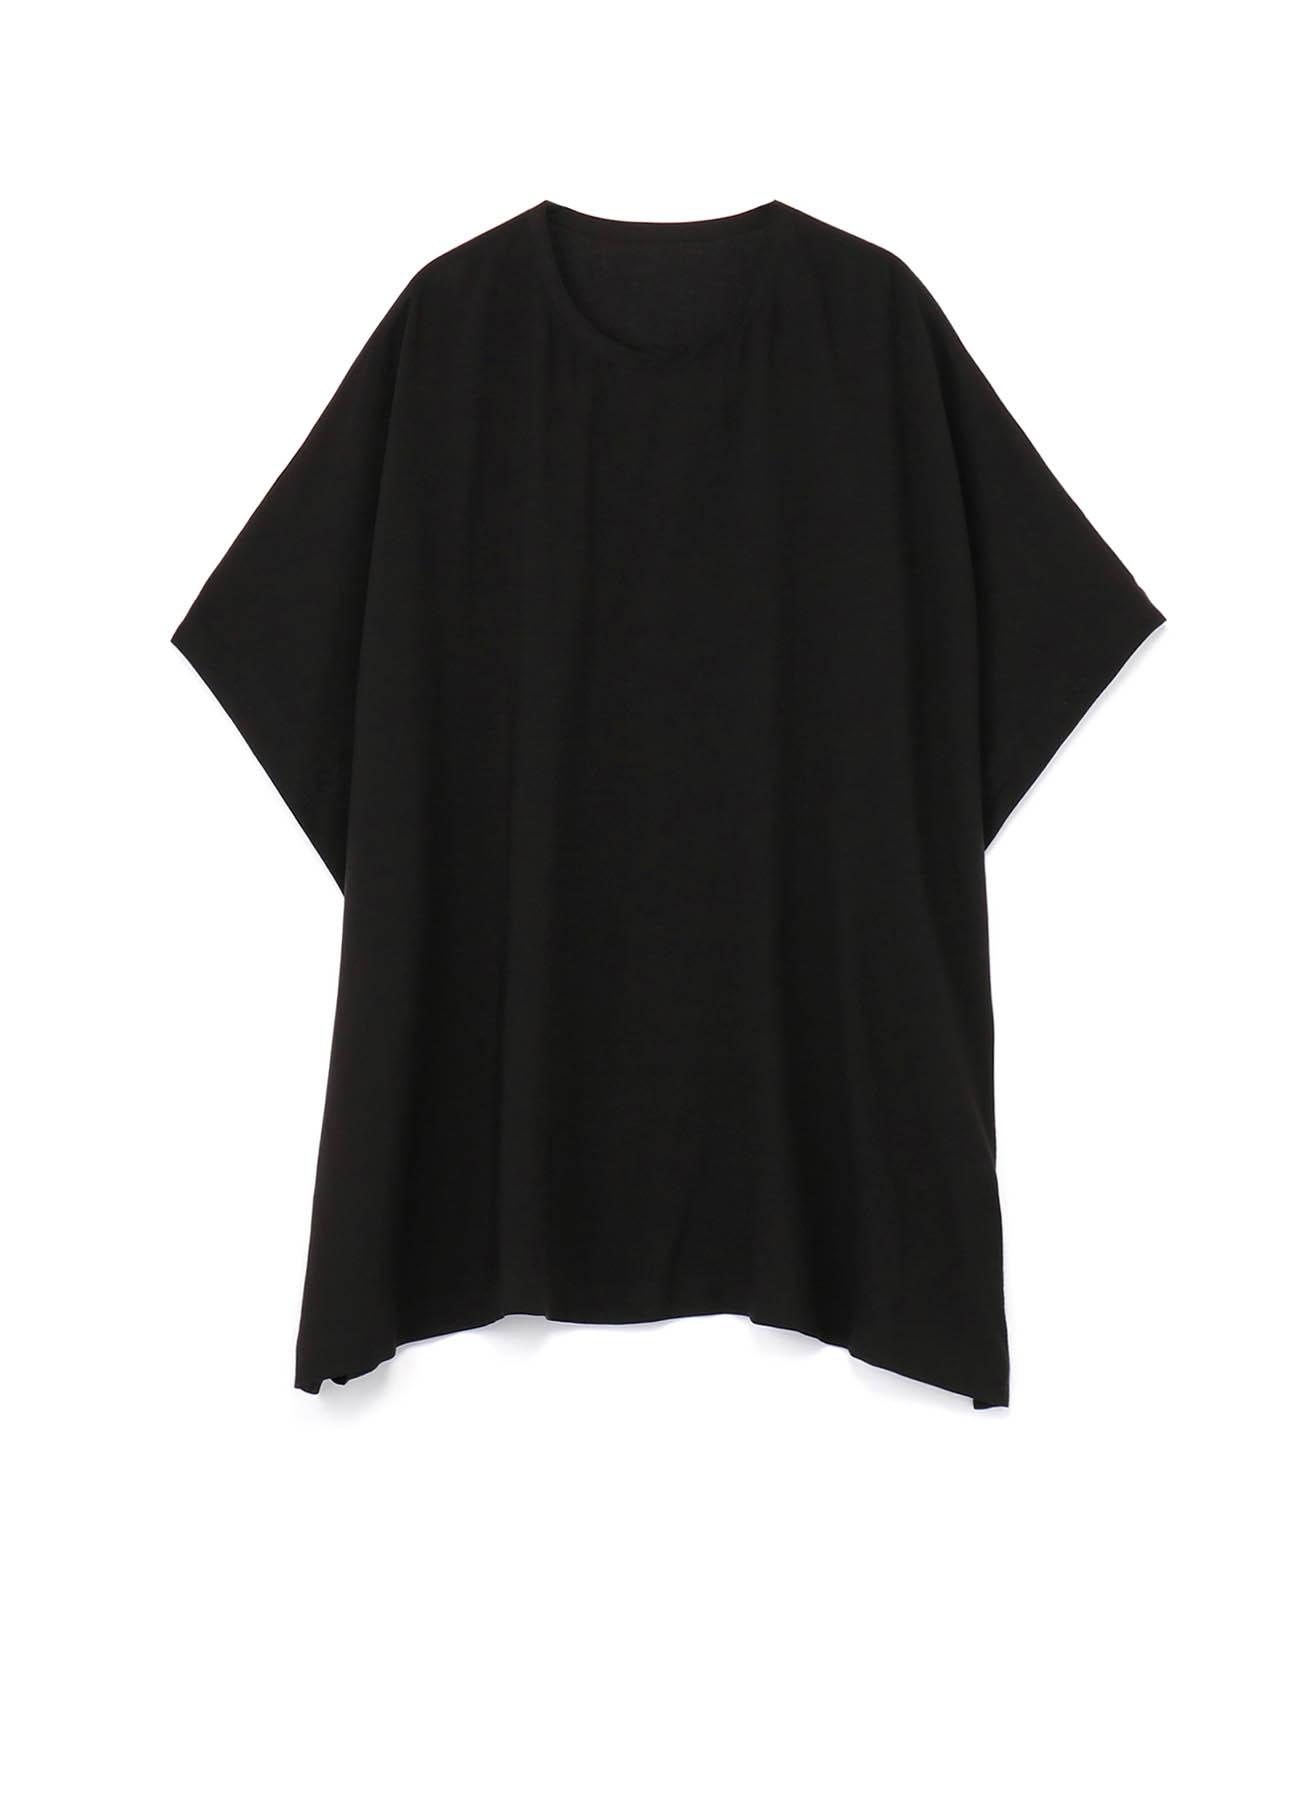 Tencel Lawn Big Poncho Cut Sew